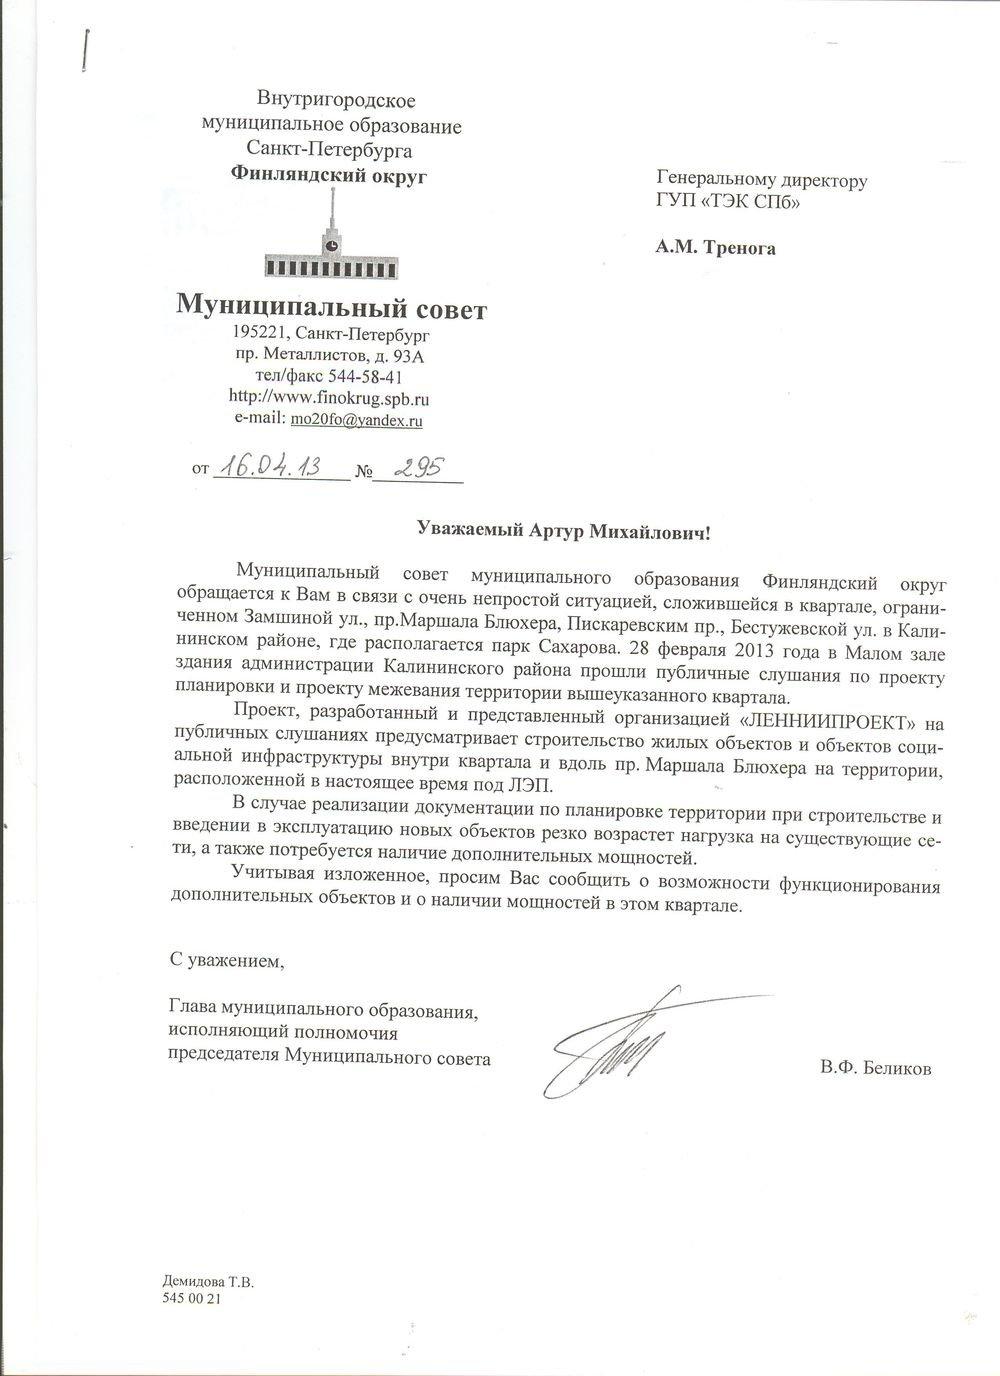 Финляндский округ Санкт Петербург Запрос в ГУП ТЭК СПб Запрос в ГУП ТЭК СПб